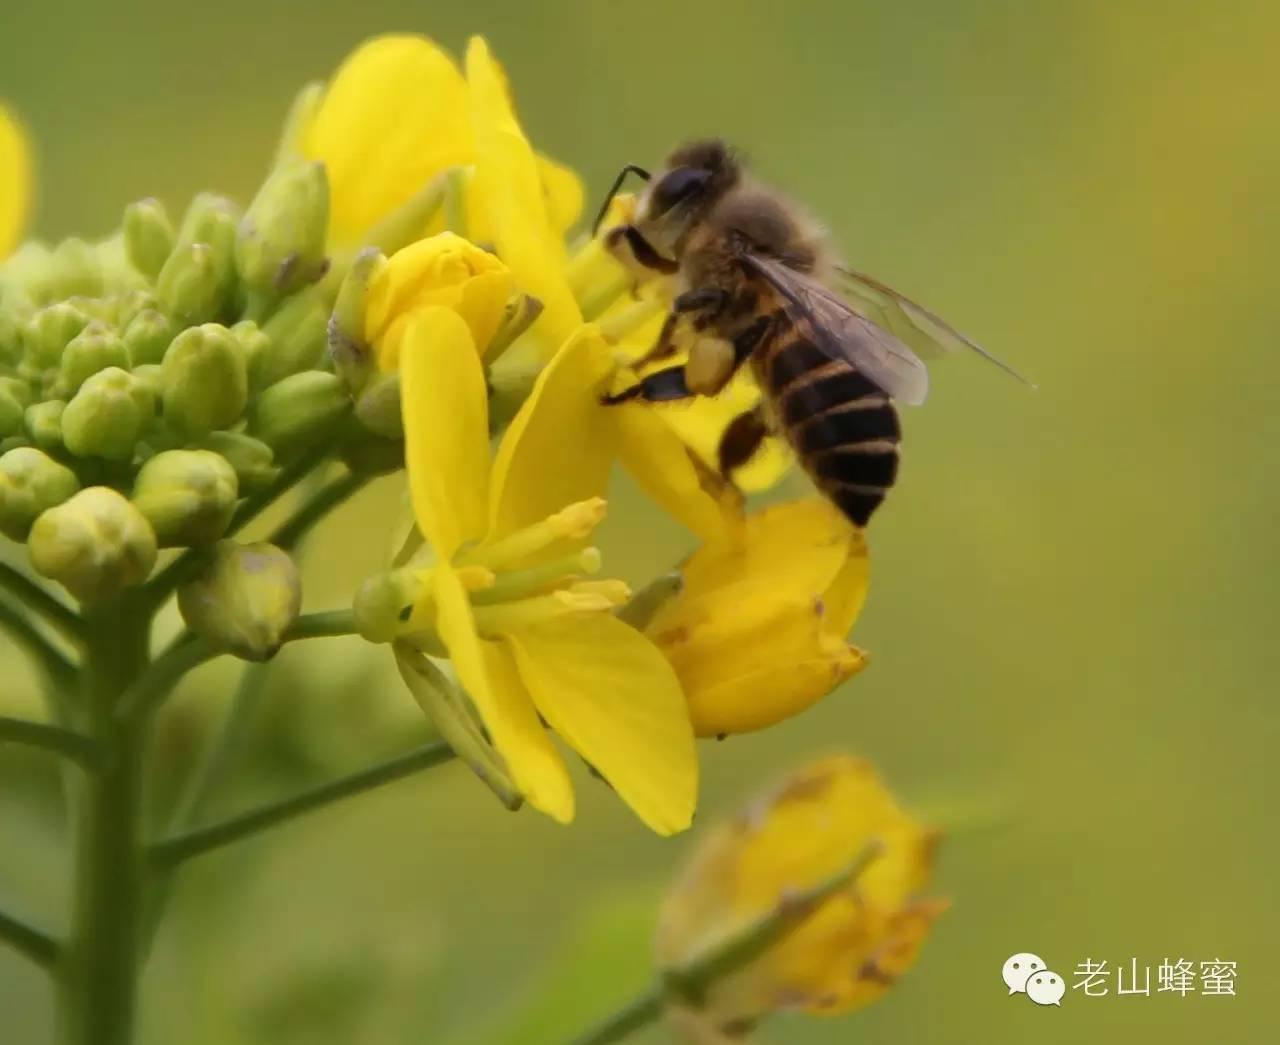 早上喝蜂蜜水好吗 无刺蜂经济价值 蜂蜜面膜的作用 加工技术 汪氏蜂蜜